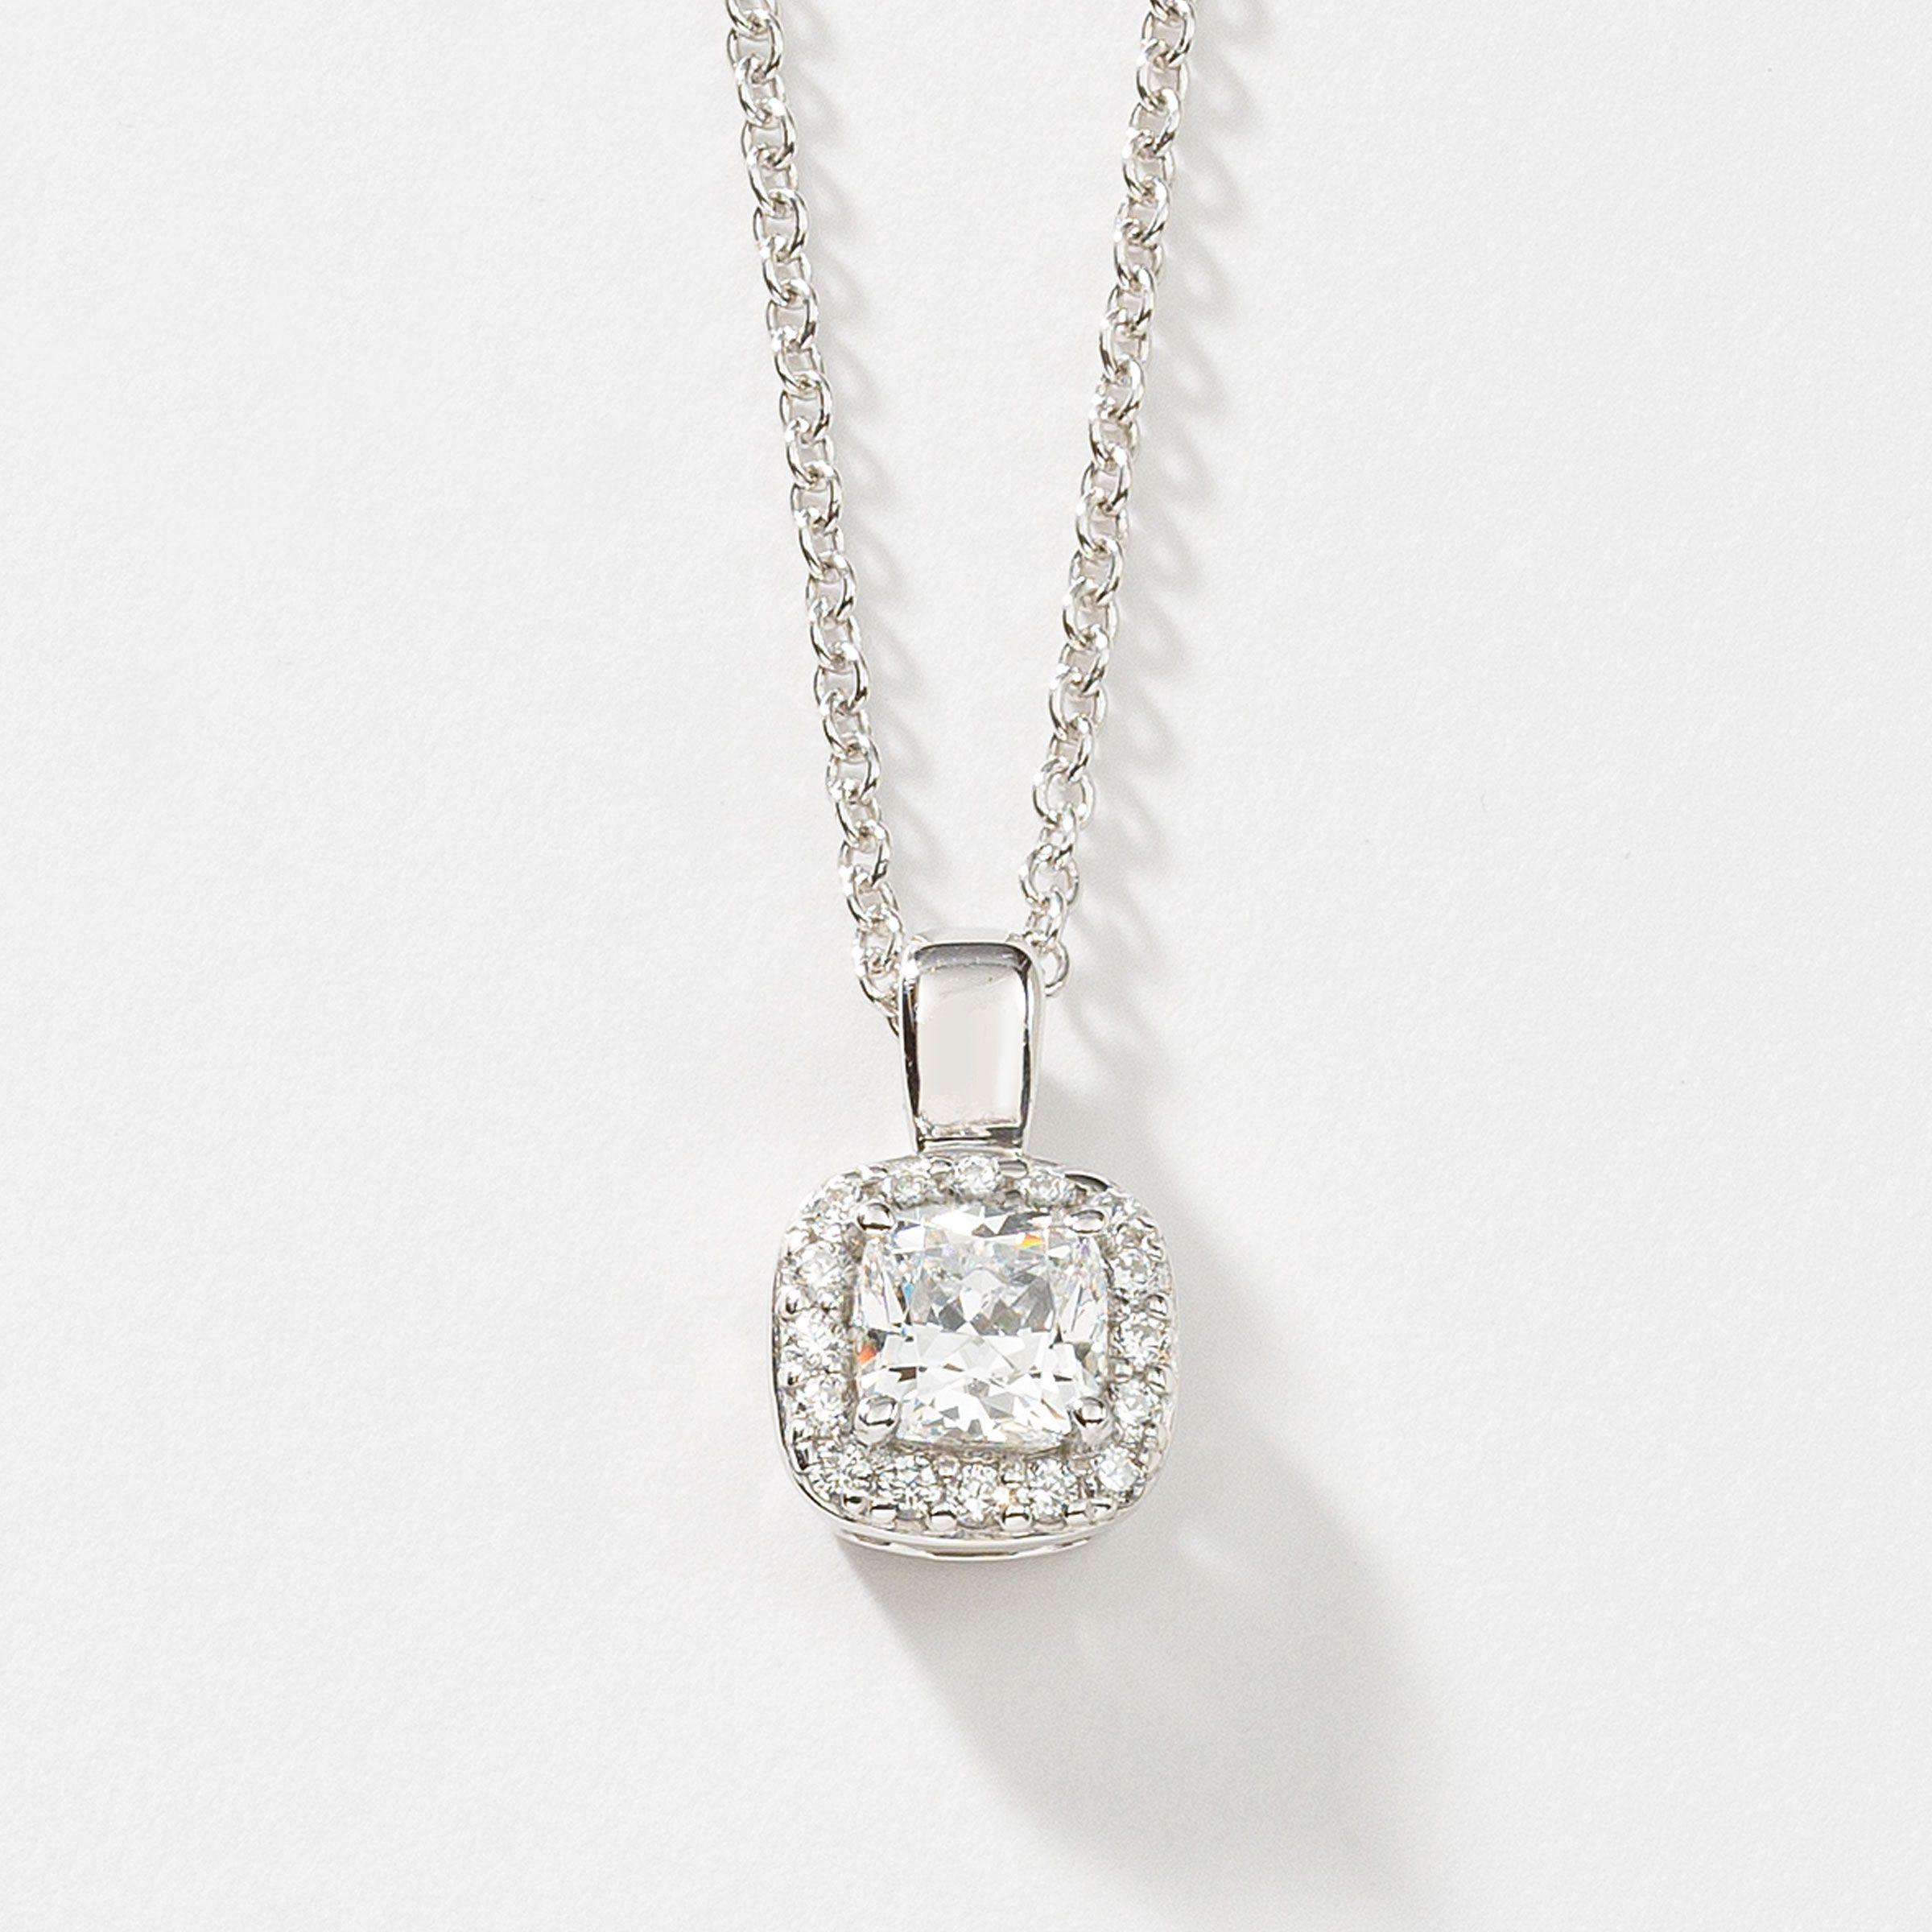 Touchstone Crystal by Swarovski Jewelry Home Parties Www